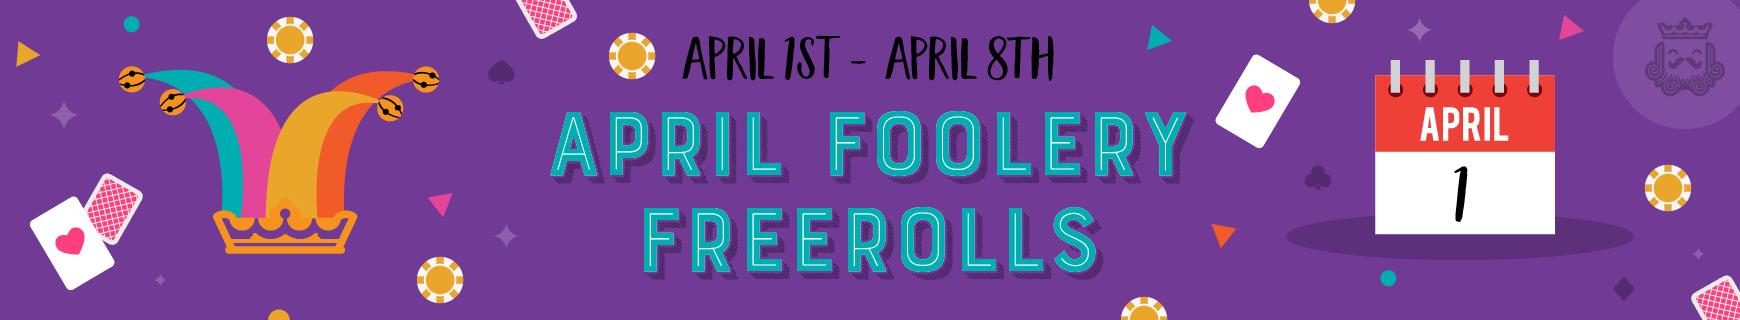 April foolery %28870 x 160%29 2x